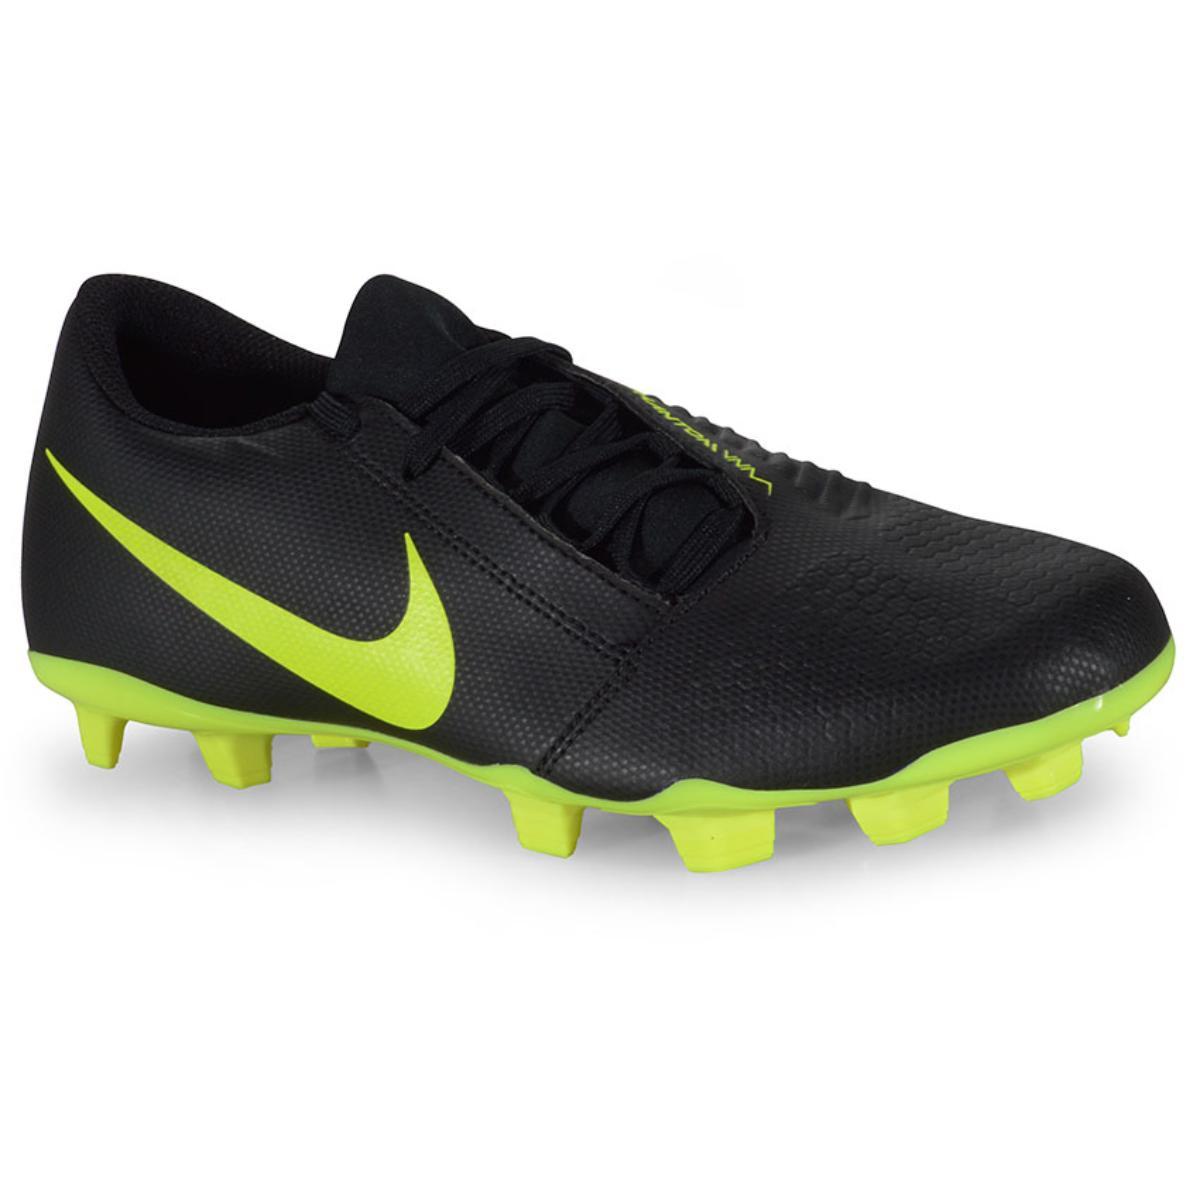 Chuteira Masculina Nike Ao0577-007 Phantom Venom Club Club Preto/limão